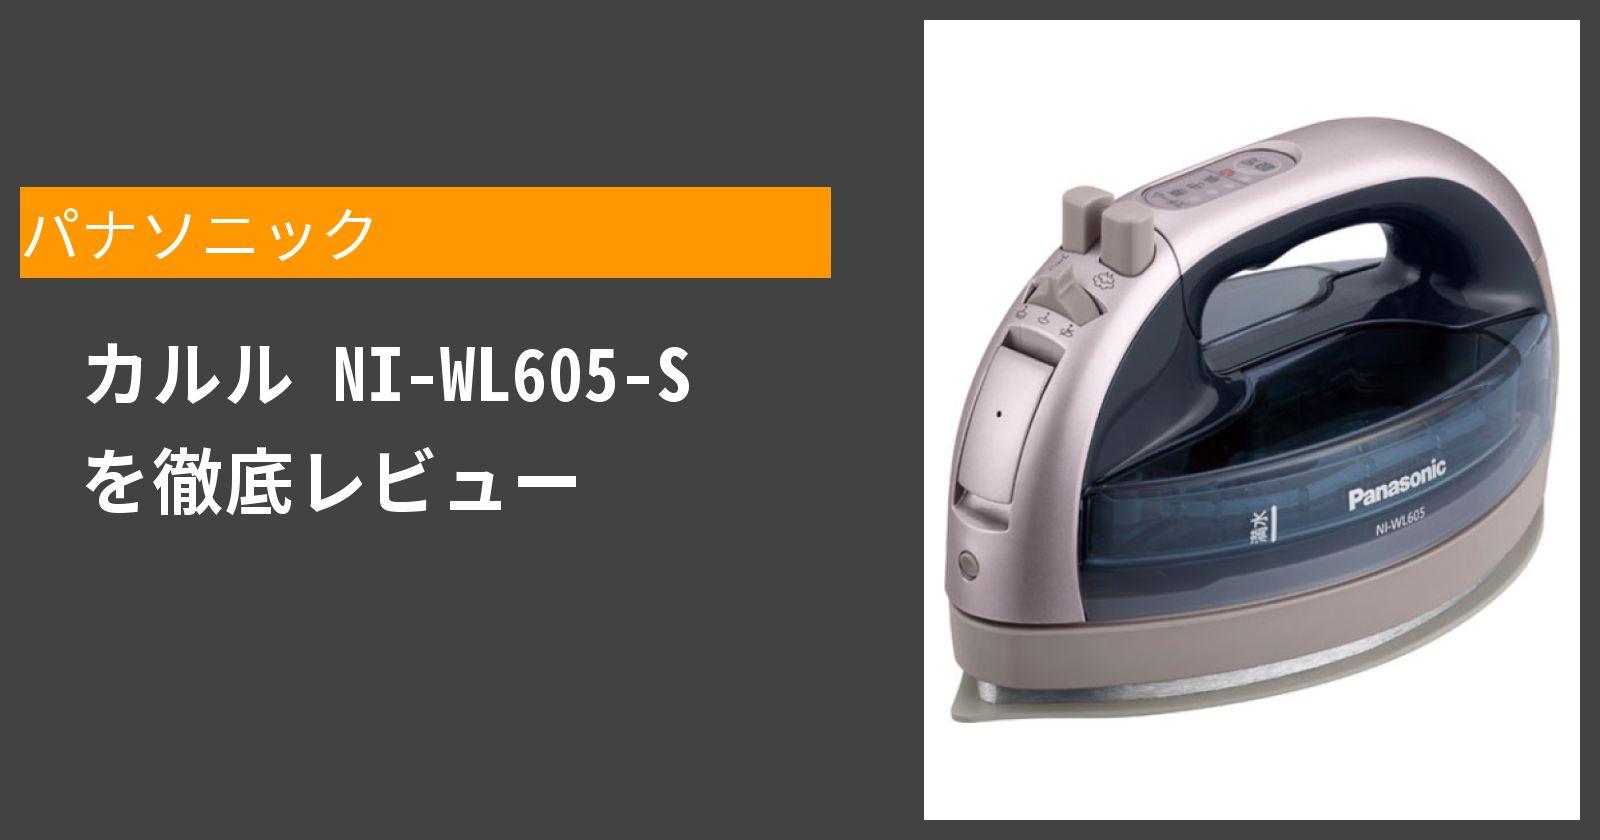 カルル NI-WL605-Sを徹底評価